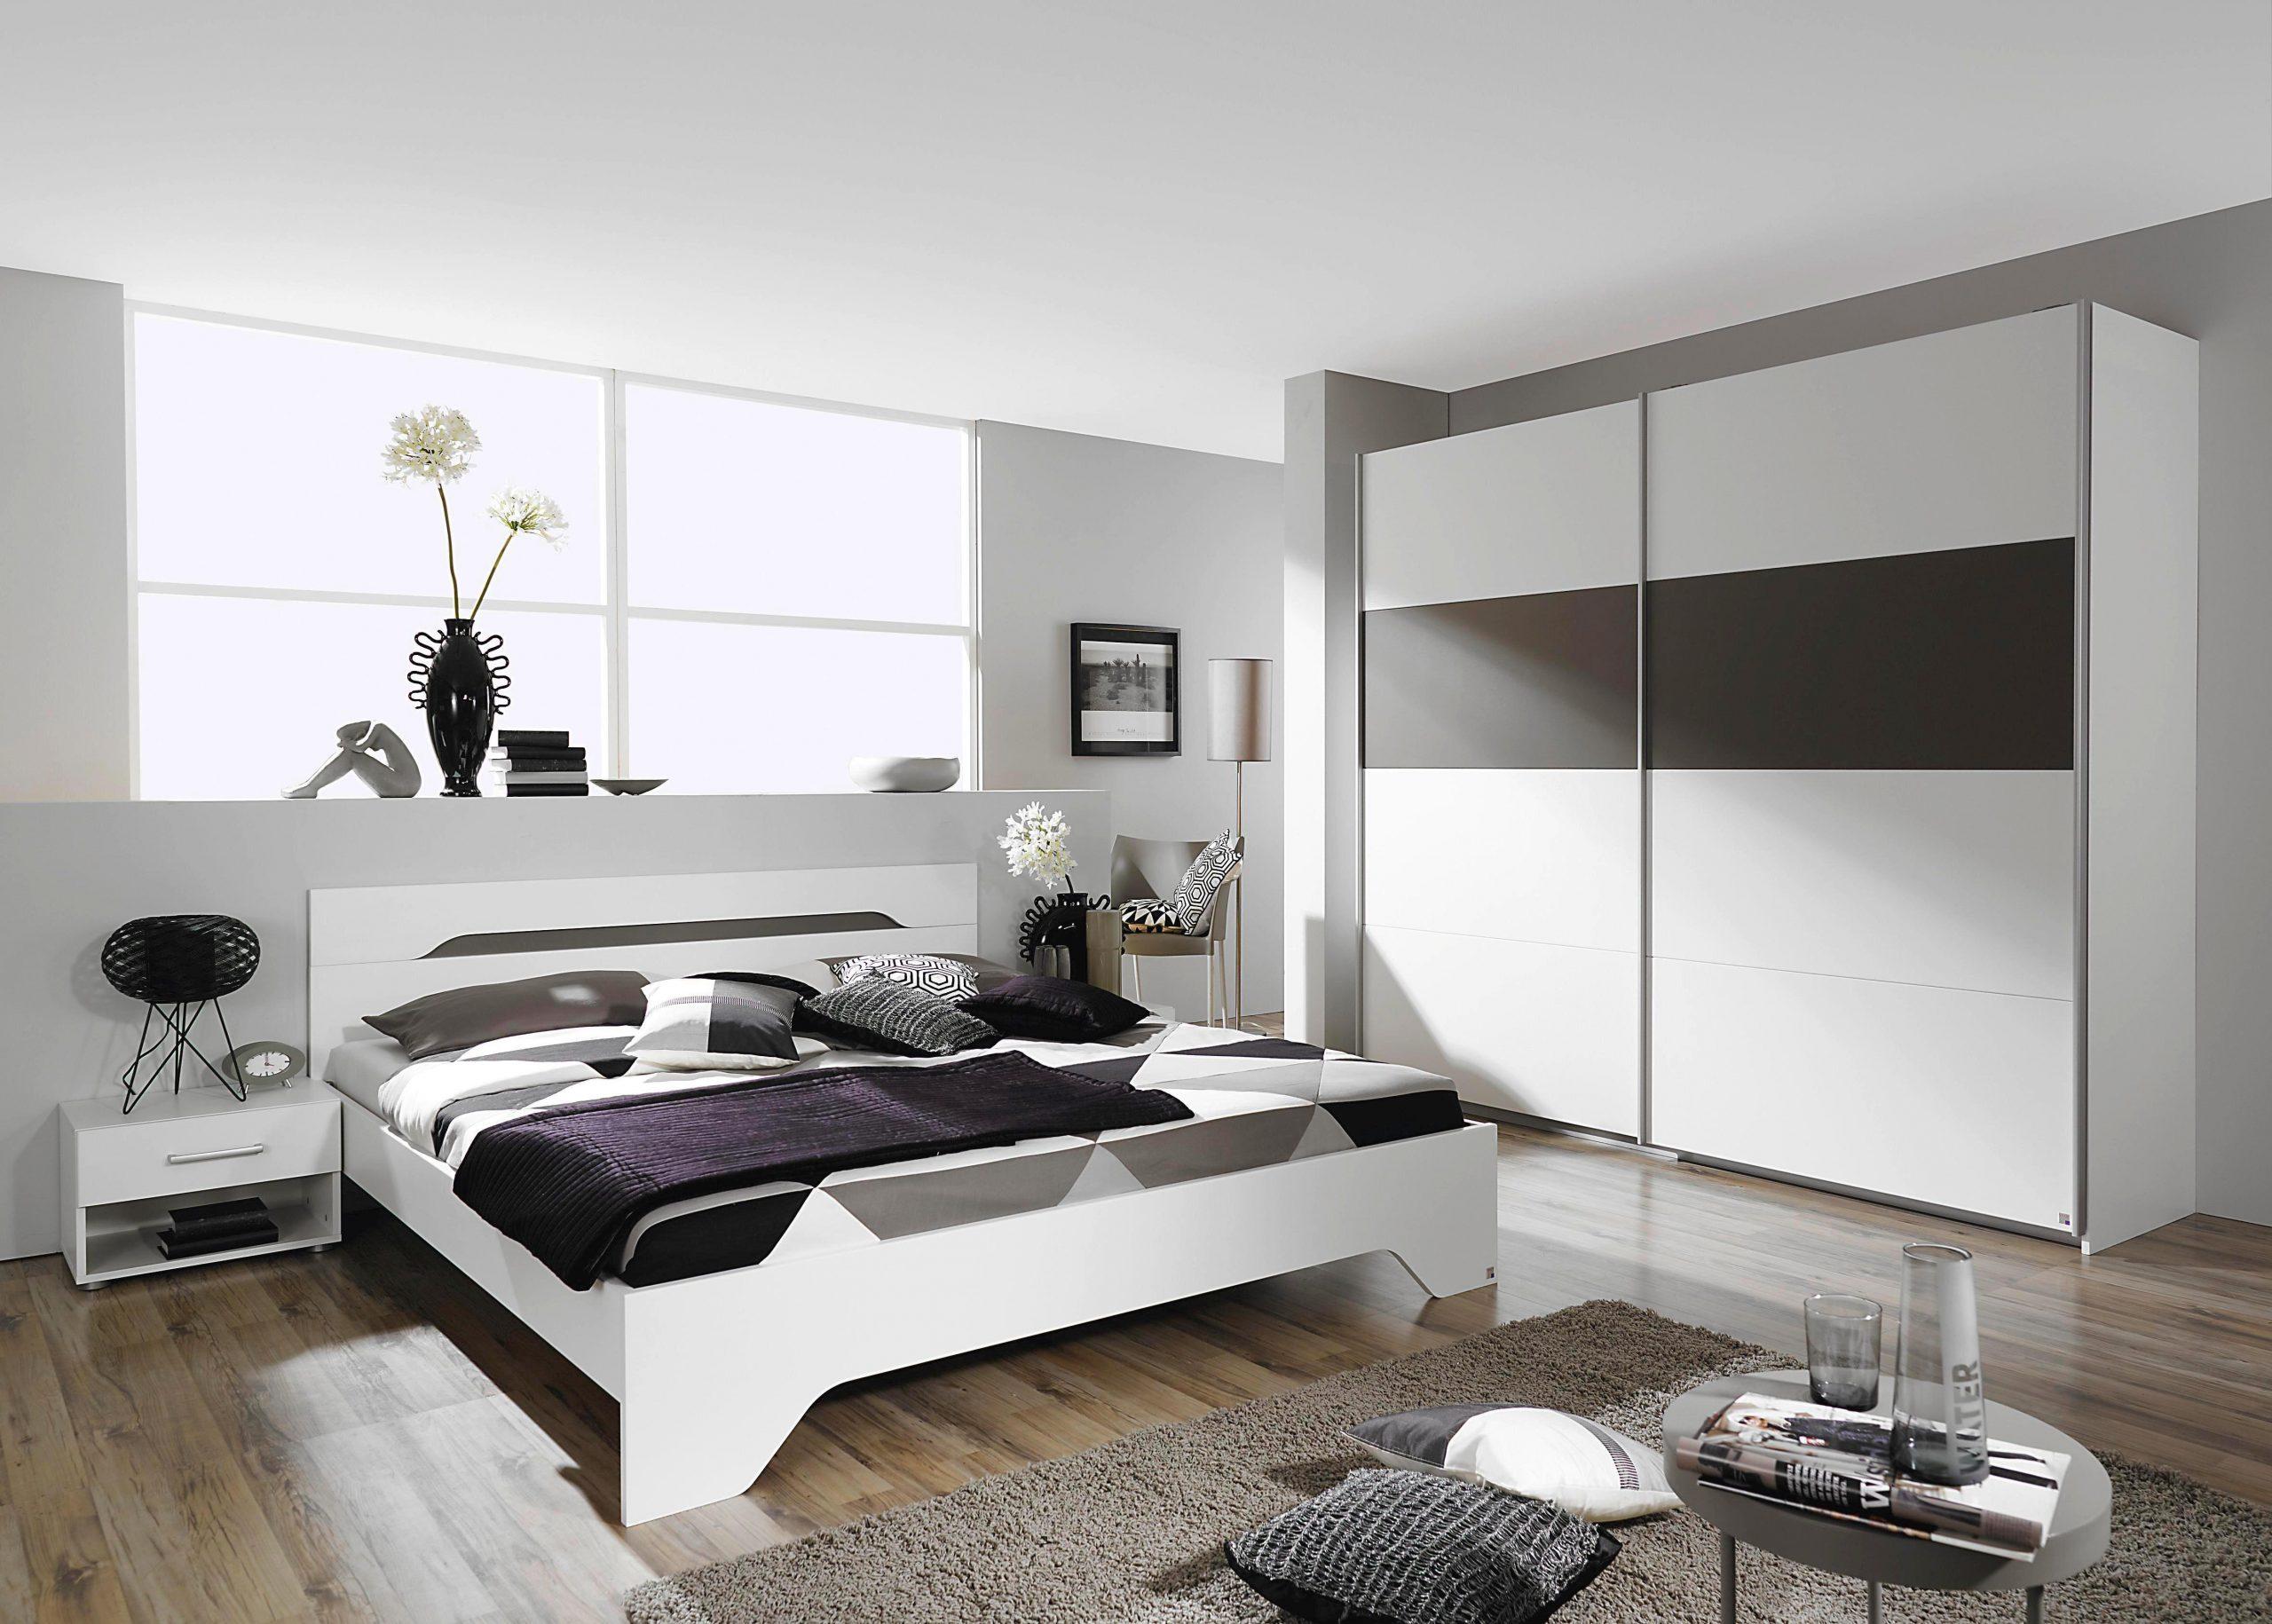 Full Size of Komplette Schlafzimmer Gnstig Online Finden Mbelix Komplett Mit Lattenrost Und Matratze Günstig Vorhänge Klimagerät Für Komplettangebote Sofa Kaufen Schlafzimmer Schlafzimmer Komplett Günstig